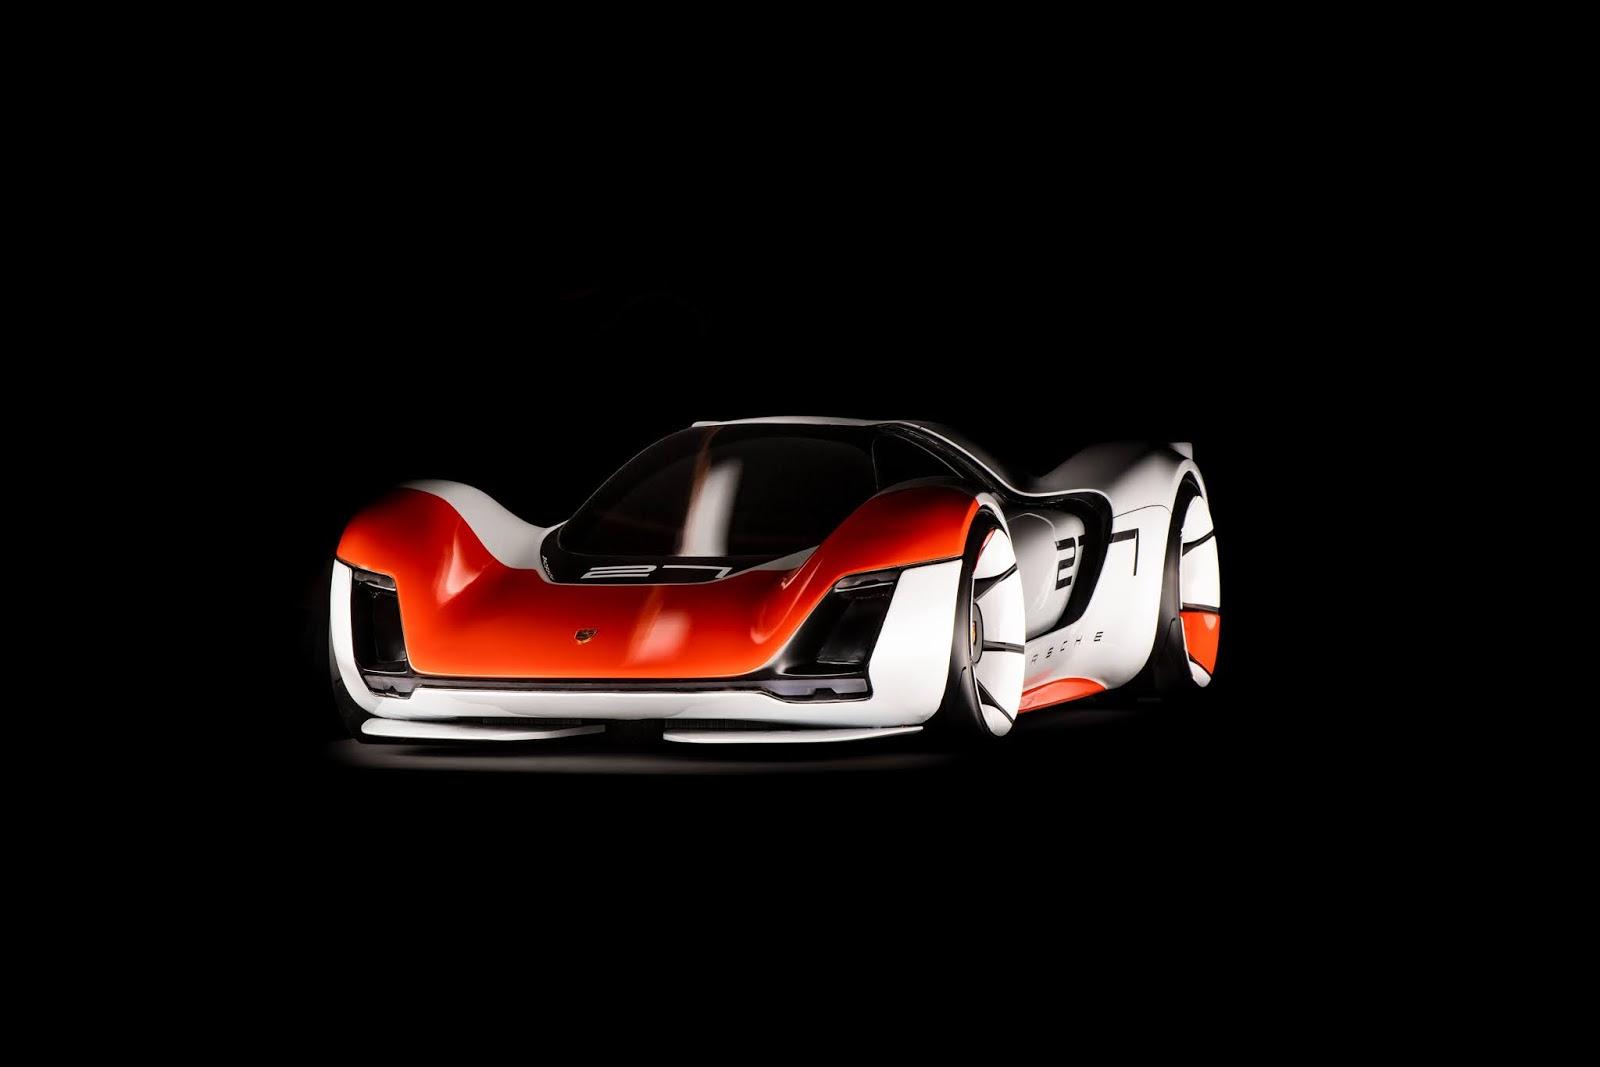 DSC9319 1 Τα άγνωστα Hypercars της Porsche hypercar, Porsche, Porsche Unseen, Sunday, supercar, supercars, zblog, ειδήσεις